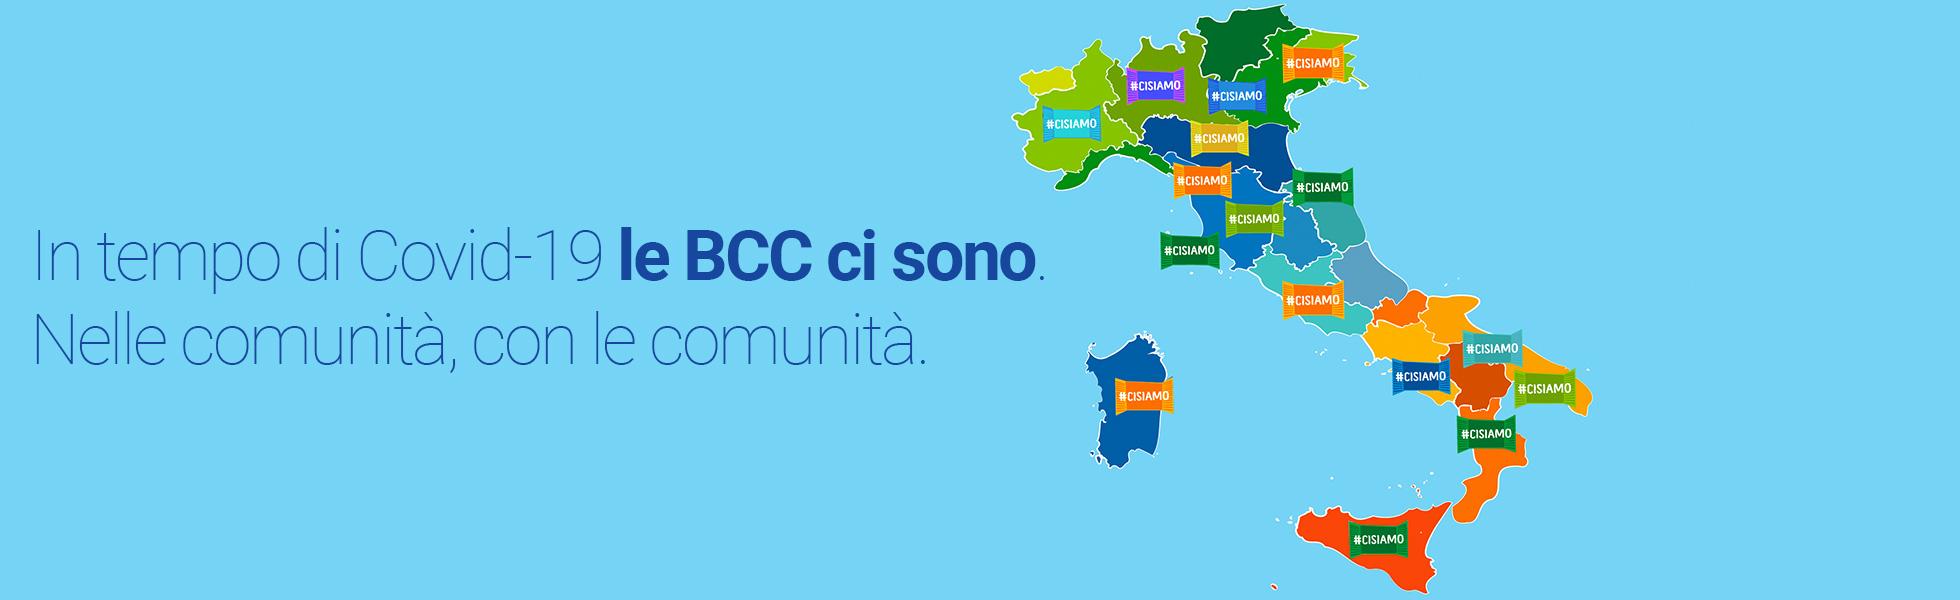 In tempo di Covid-19, le BCC ci sono.